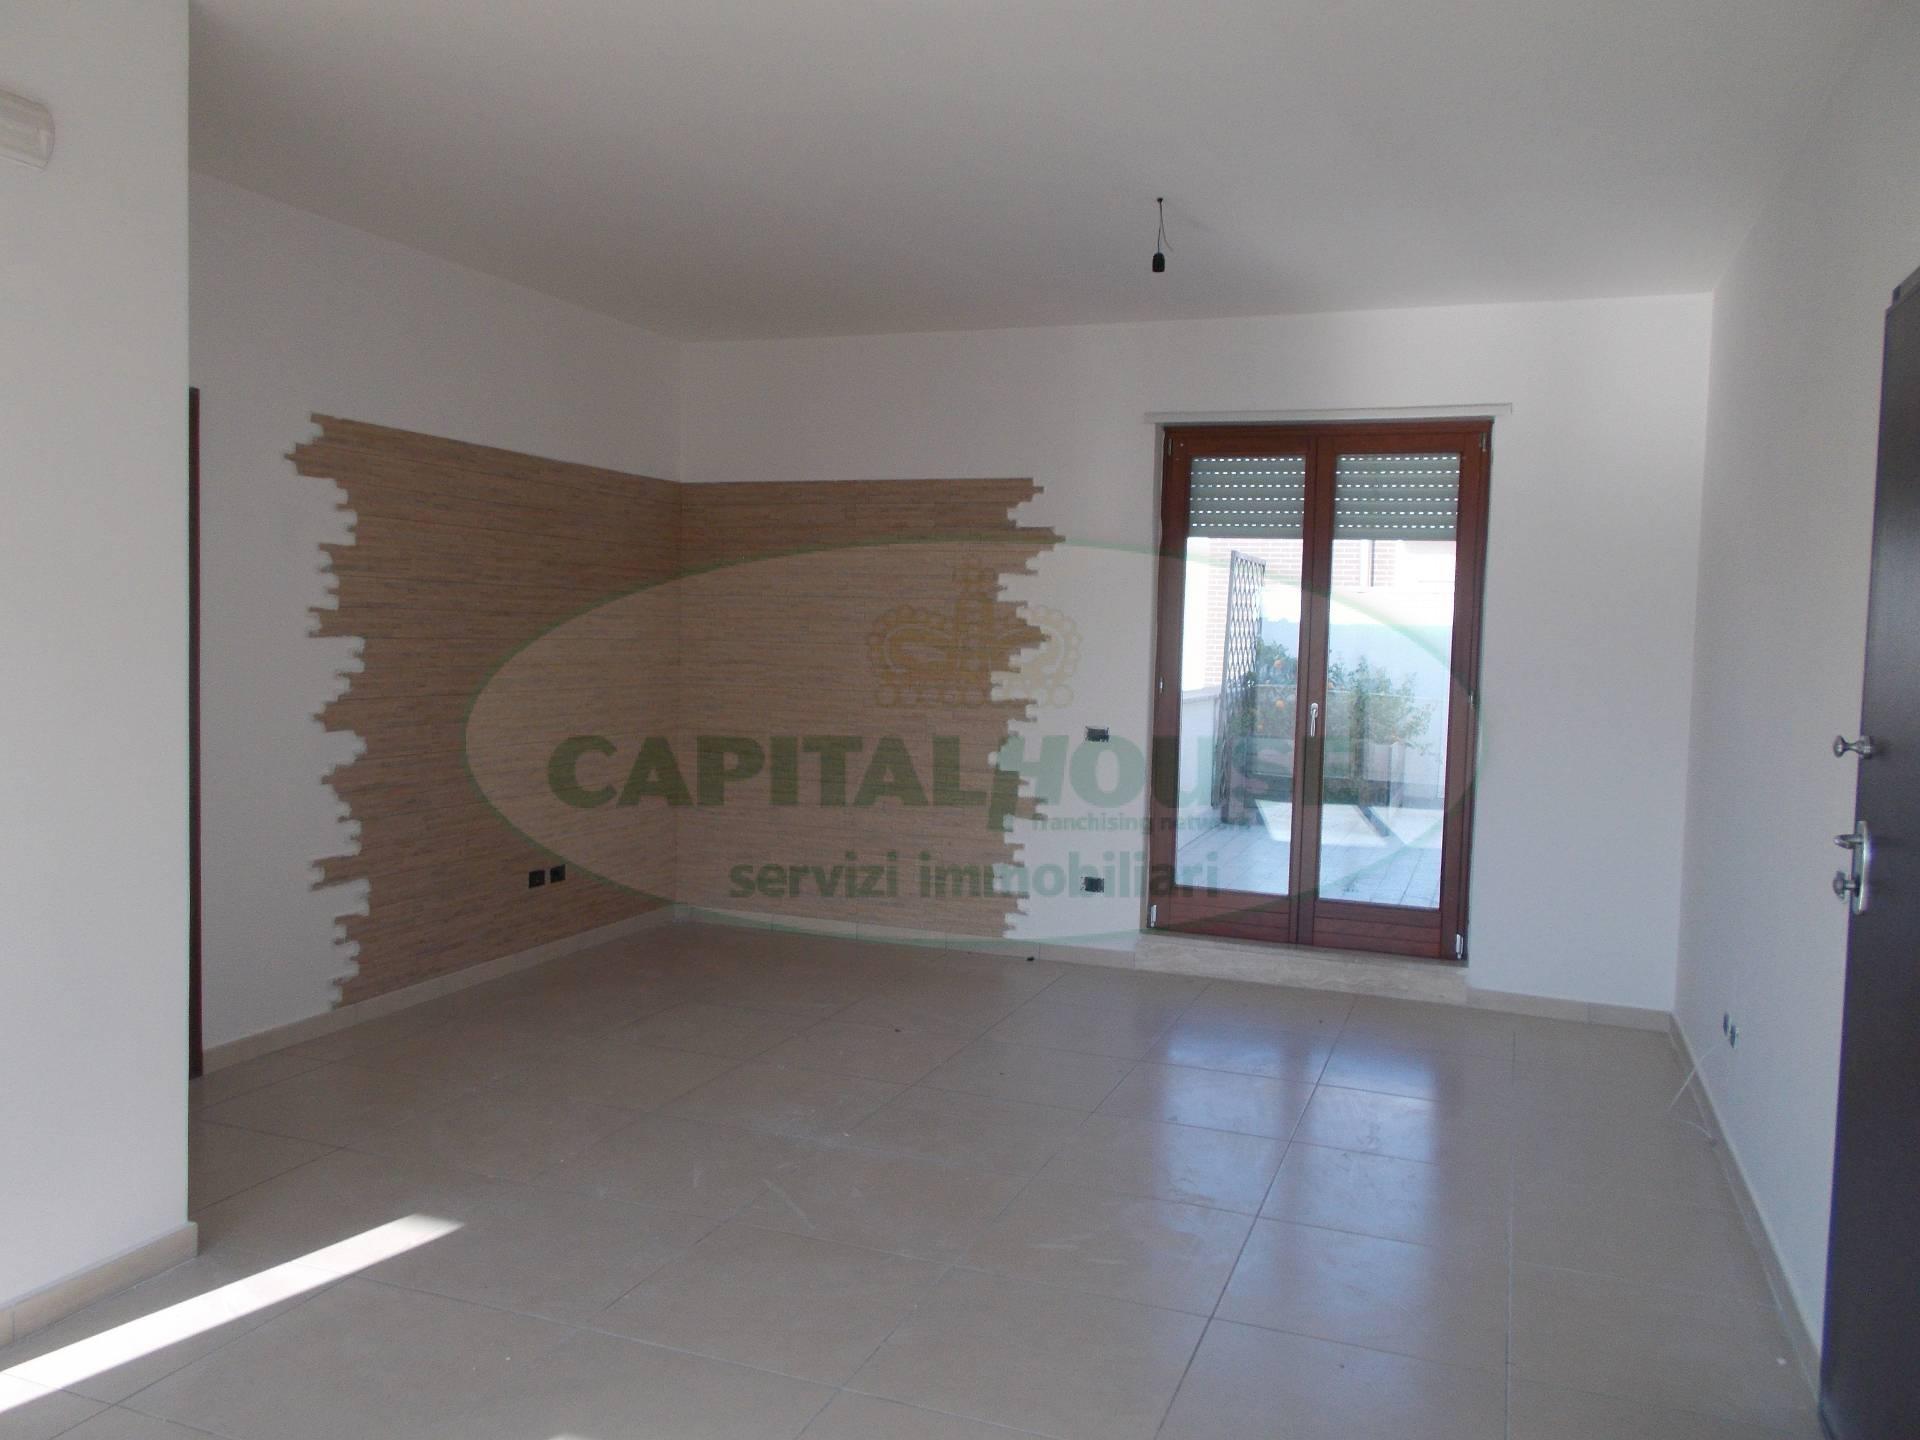 Attico / Mansarda in affitto a Santa Maria Capua Vetere, 4 locali, prezzo € 530 | Cambio Casa.it